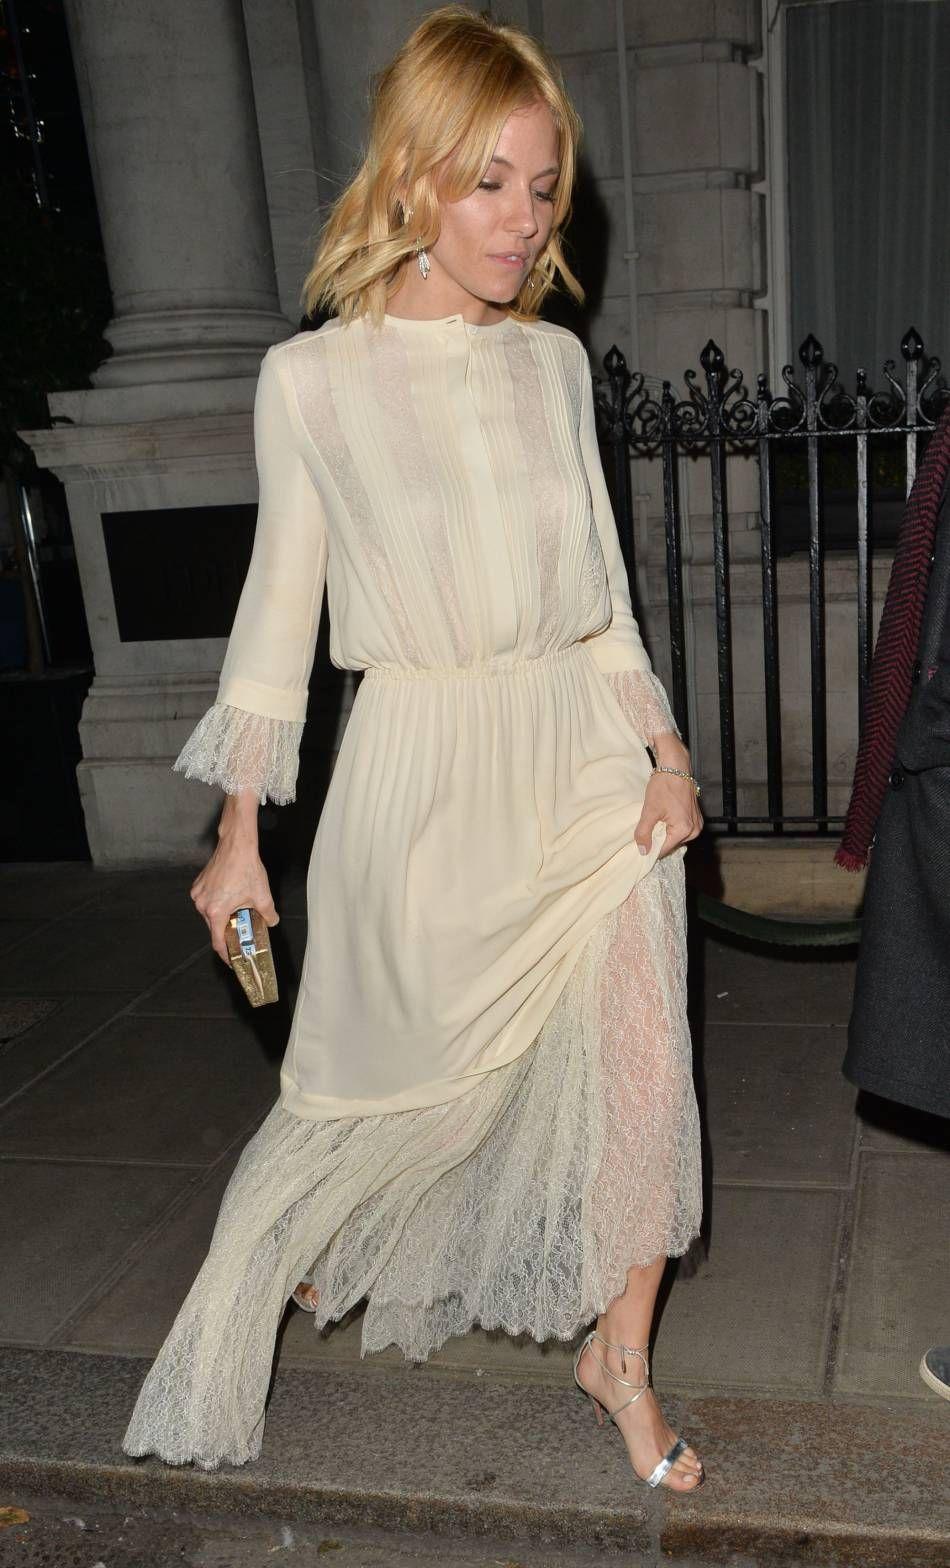 c04619d57736 Sienna Miller adopte une ravissante robe au style rétro très romantique. On  adore !